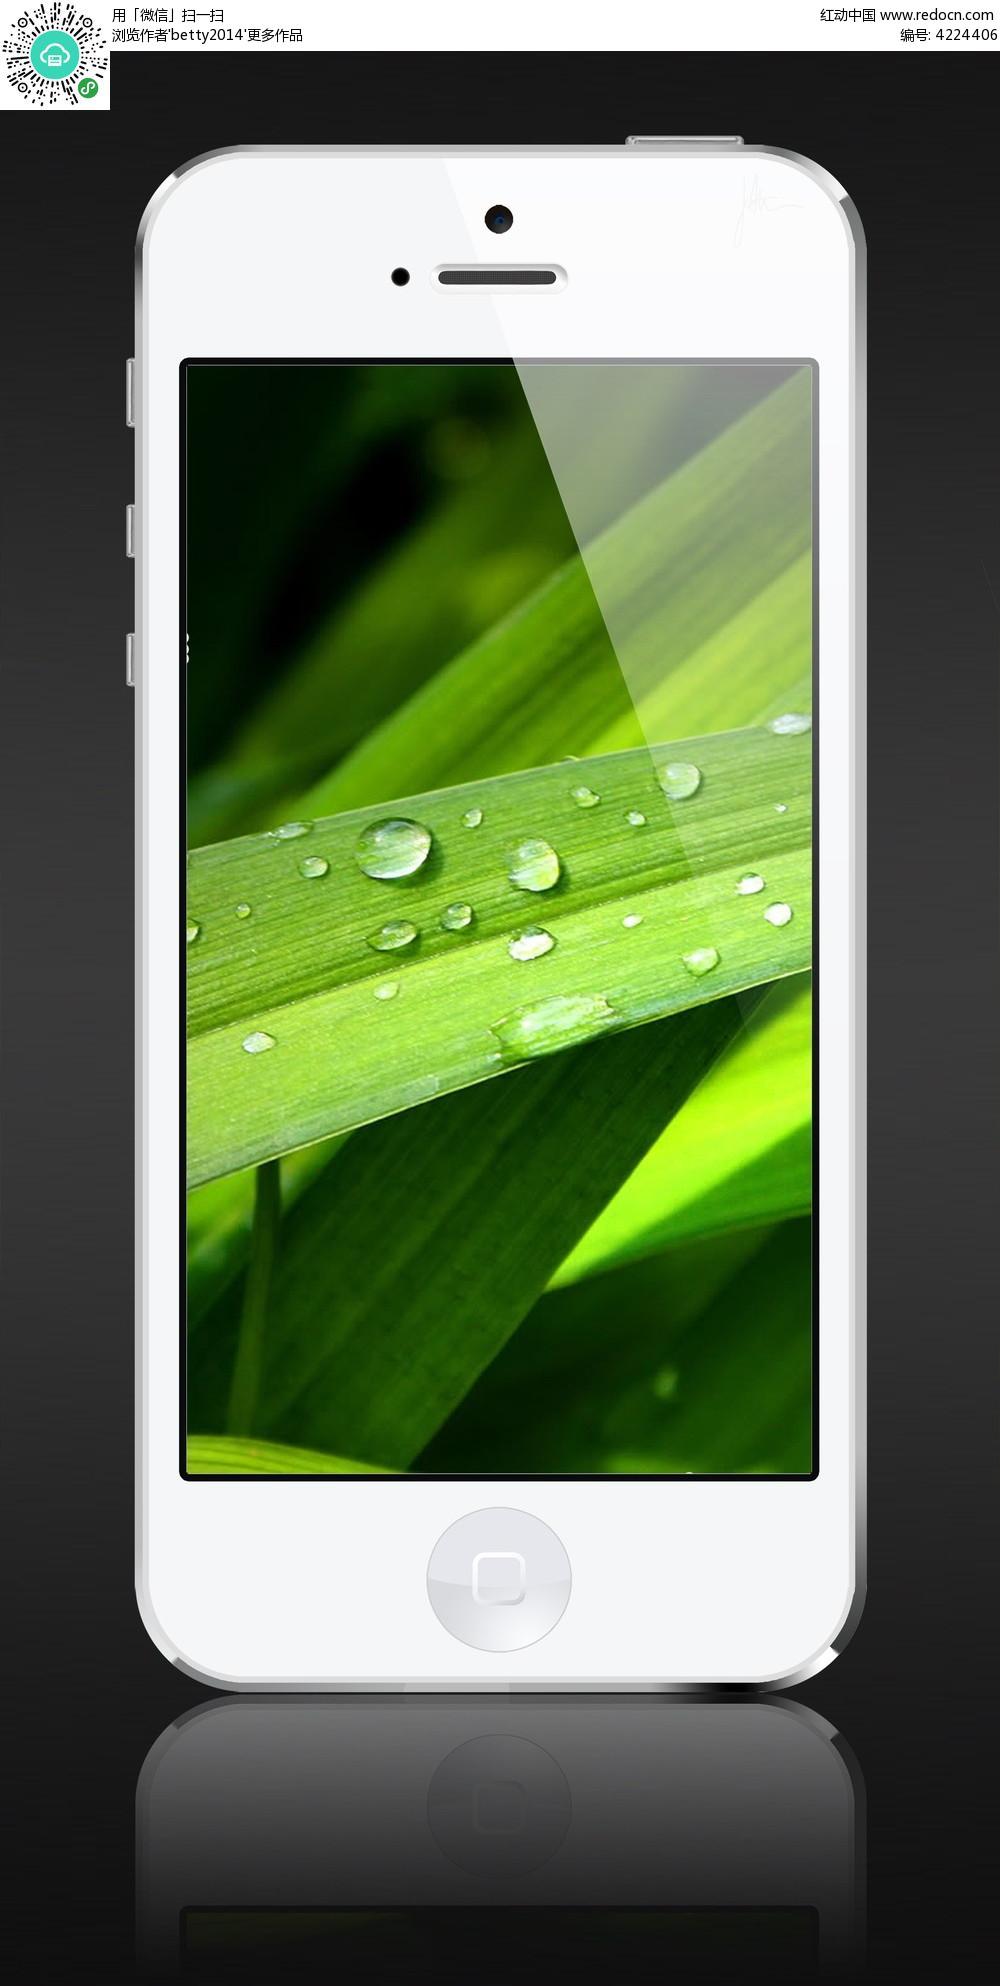 白色苹果手机正面图片